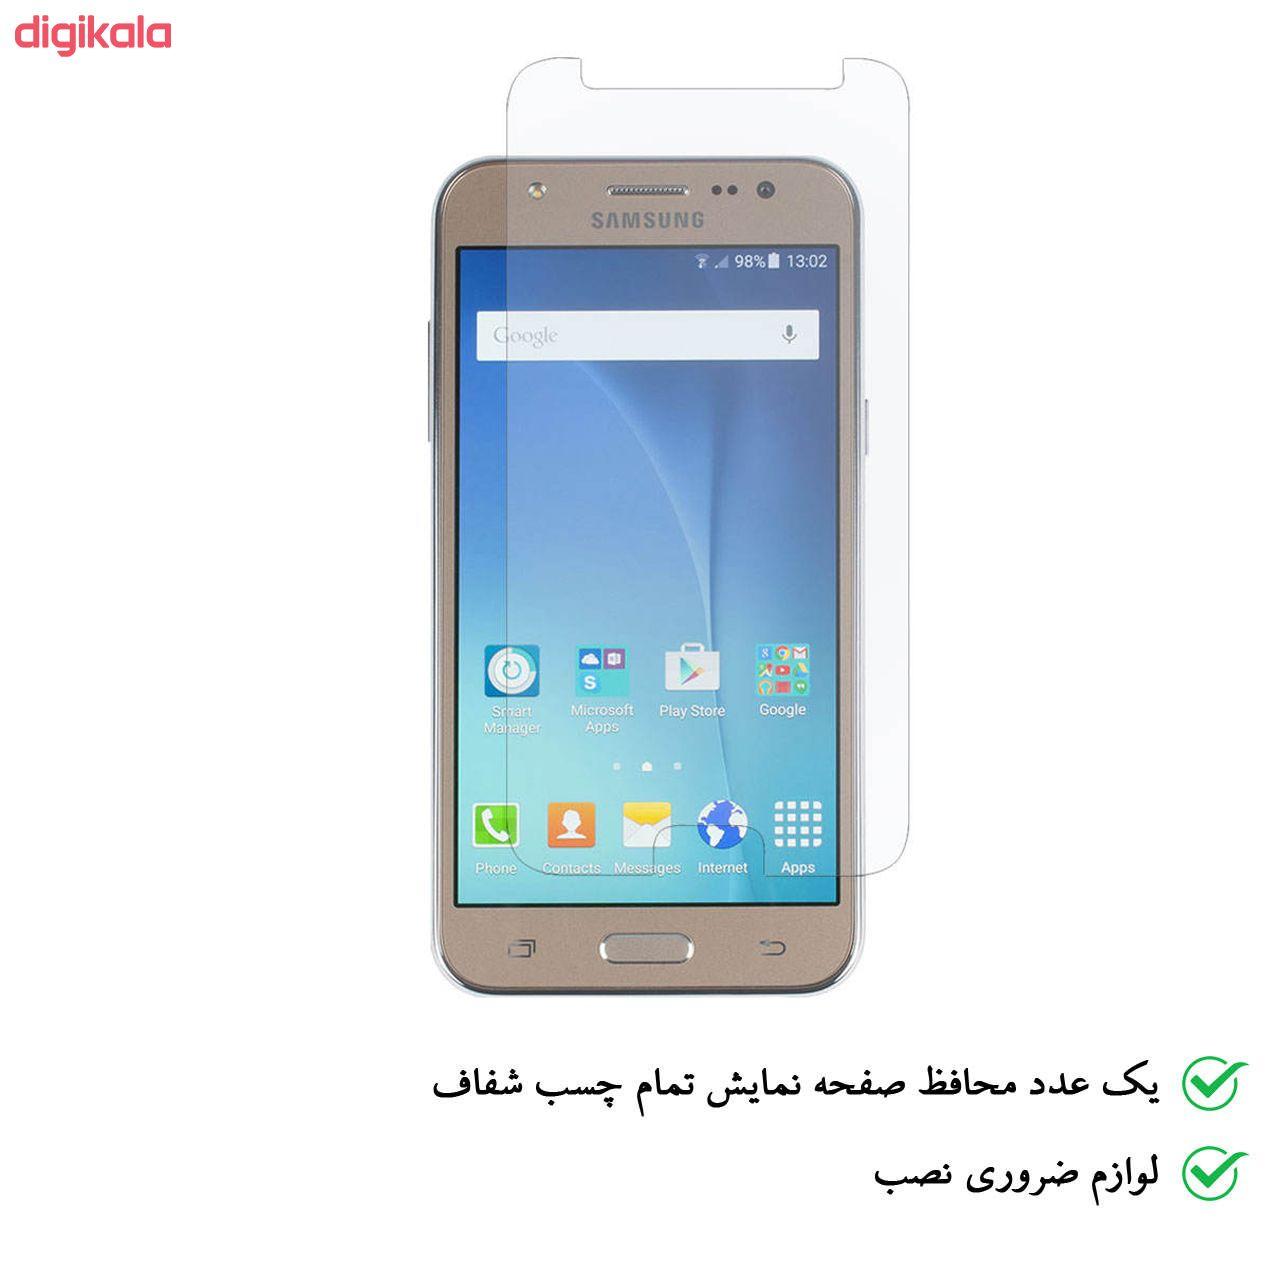 محافظ صفحه نمایش مدل NP مناسب برای گوشی موبایل سامسونگ  Galaxy J5 2015 main 1 1